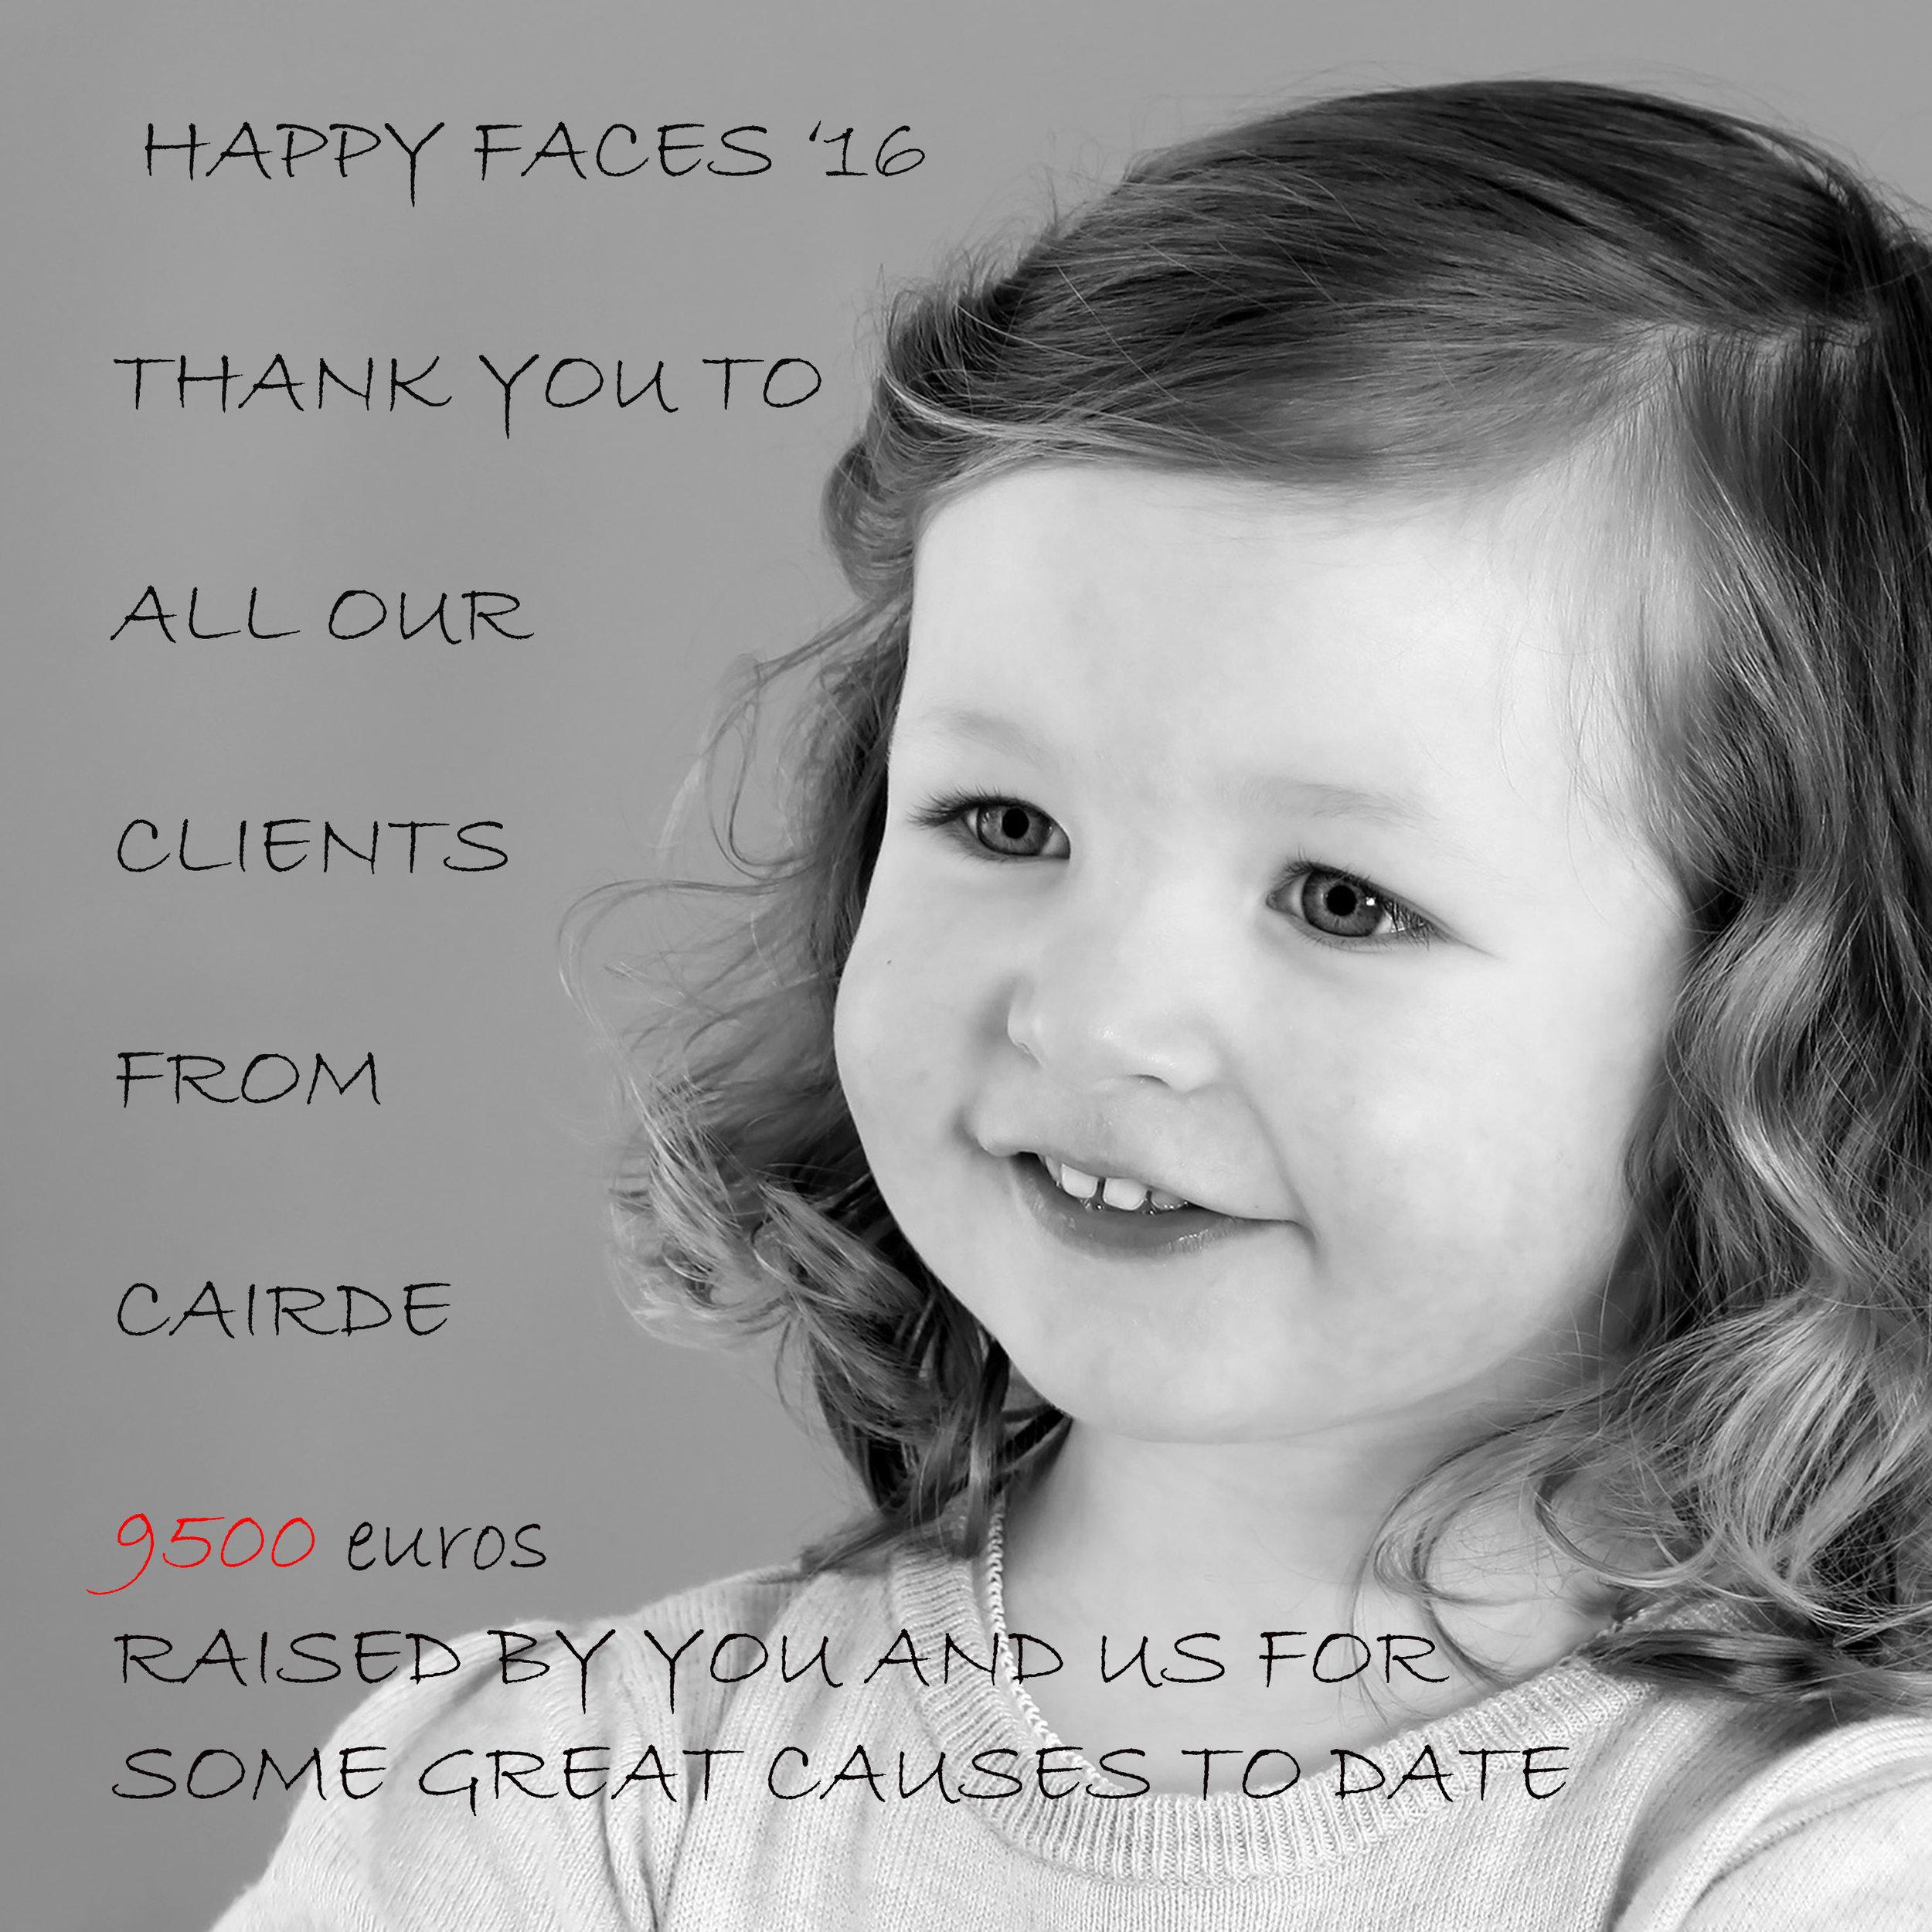 IMG_8499.jpg 10x8.jpg HAPPY FACES.jpg